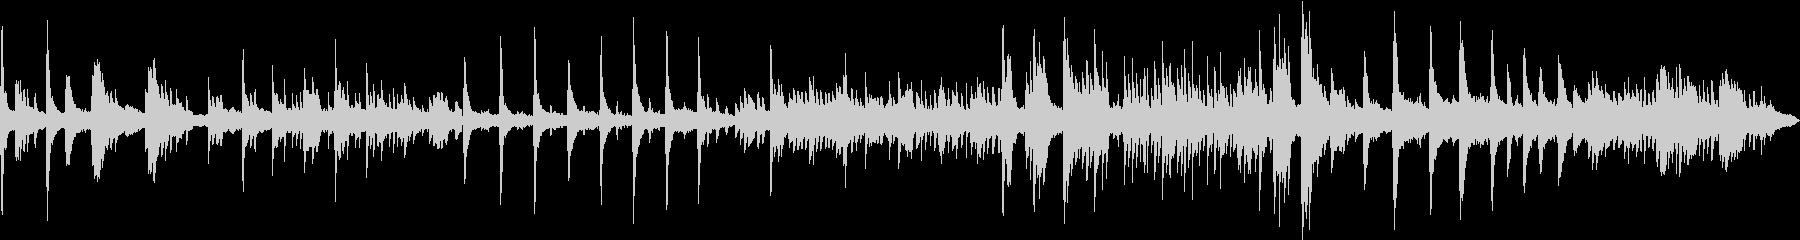 ピアノメインのヒーリングBGMの未再生の波形